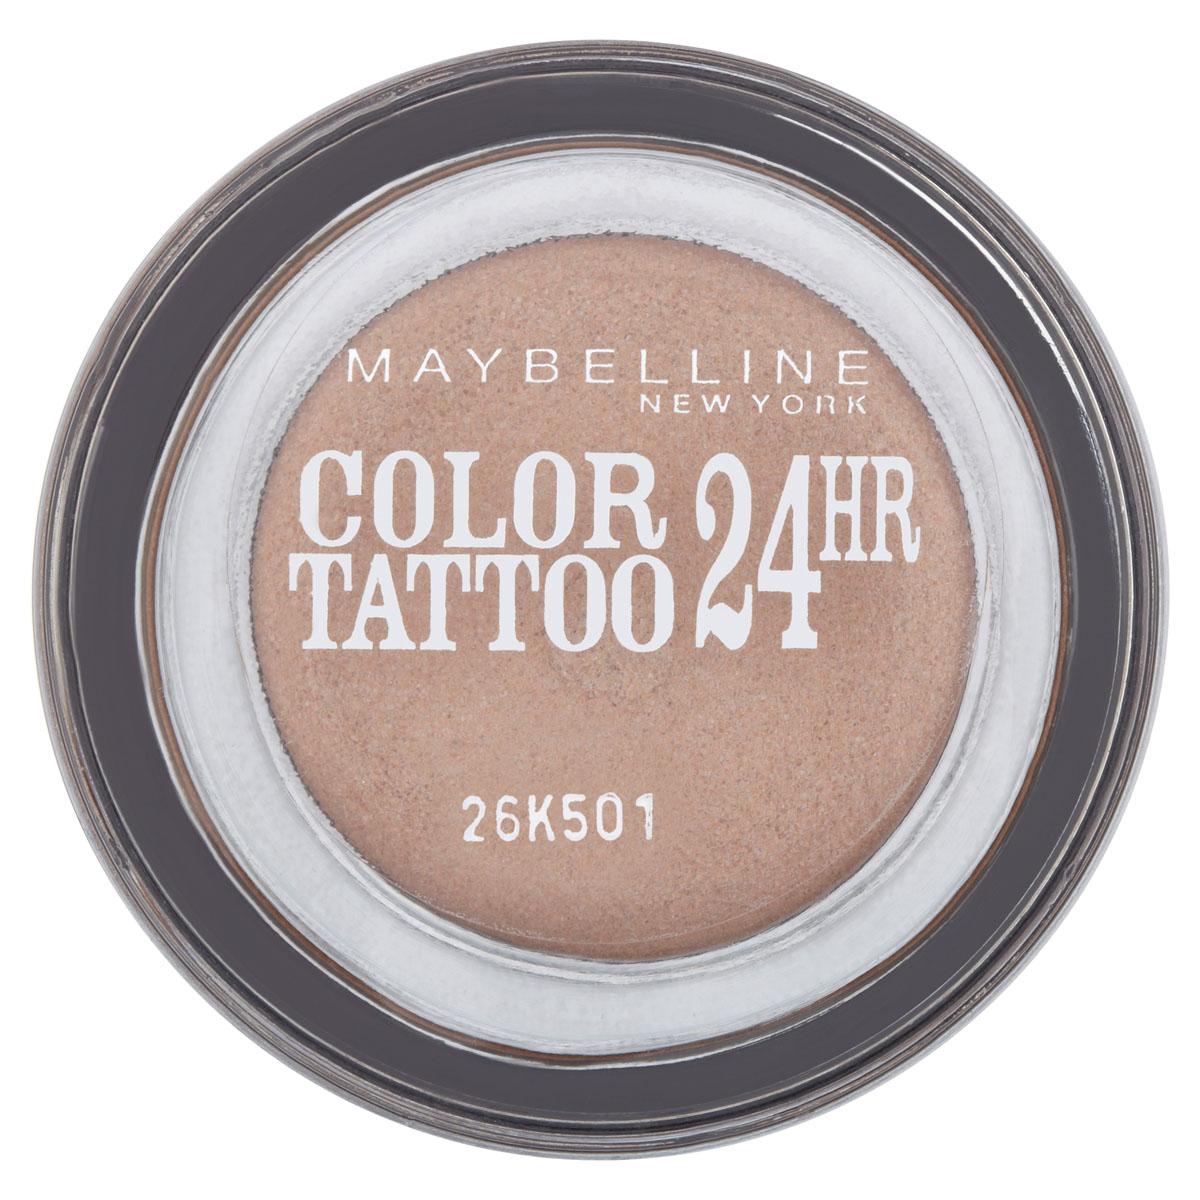 Maybelline New York Тени для век Color Tattoo 24 часа, оттенок 35, Бронзовый рай, 4 млB1949600Технология тату-пигментов создает яркий, супернасыщенный цвет. Крем-гелевая текстура обеспечивает ультралегкое нанесение и стойкость на 24 часа. 12 оттенков